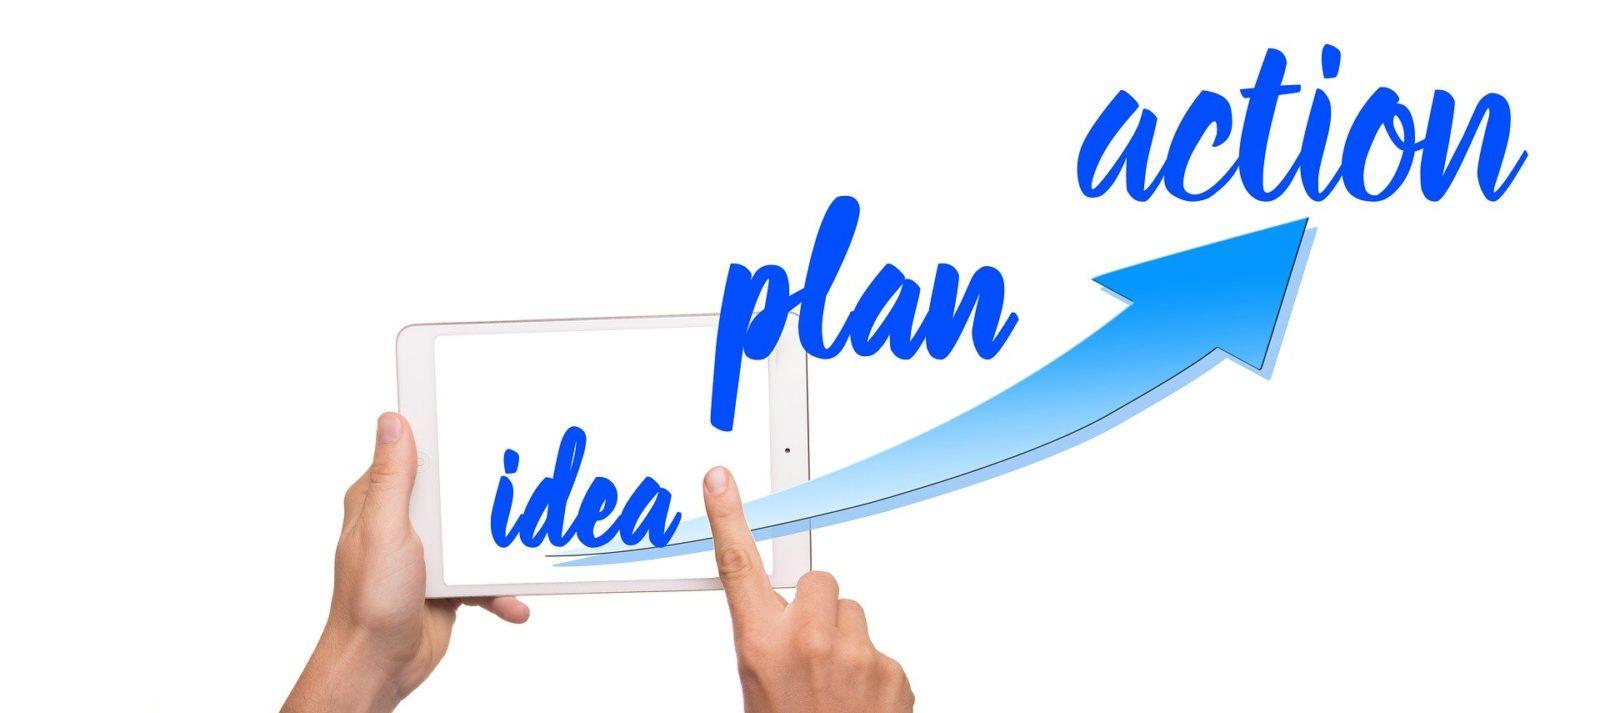 Comment les entreprises peuvent intégrer les stratégies de contenu dans leur marketing quotidien